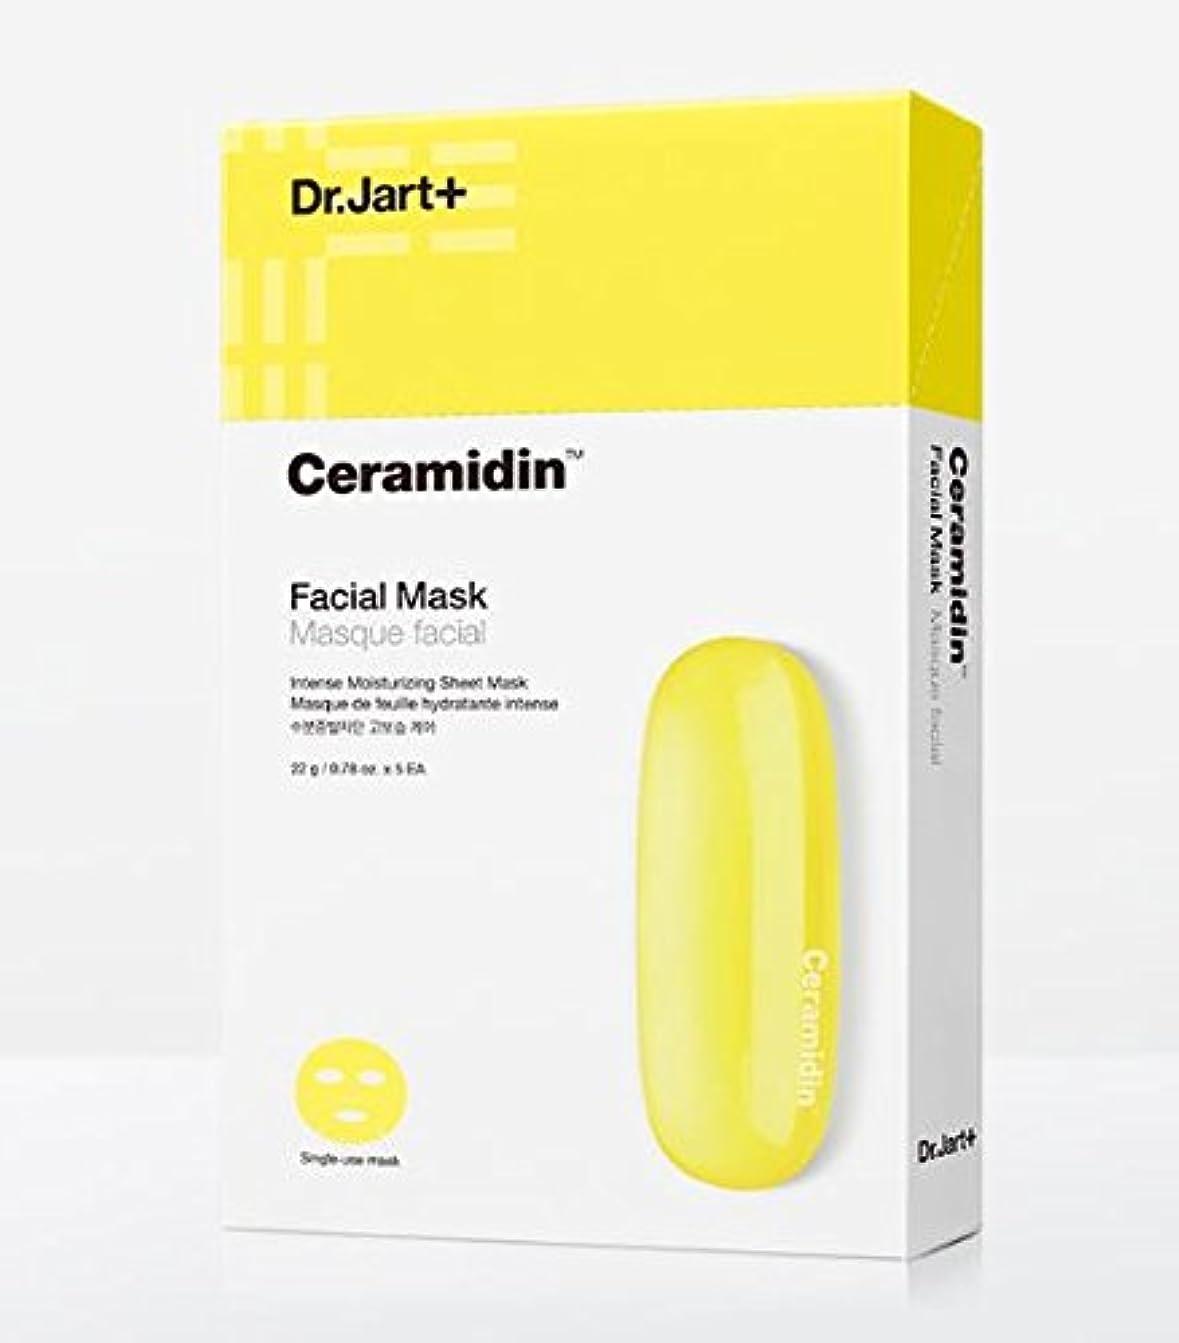 一時停止タヒチグラフィック[韓国コスメ Dr.Jart+] Ceramidin Mask ドクタージャルト セラマイディンマスク(10枚) [並行輸入品]